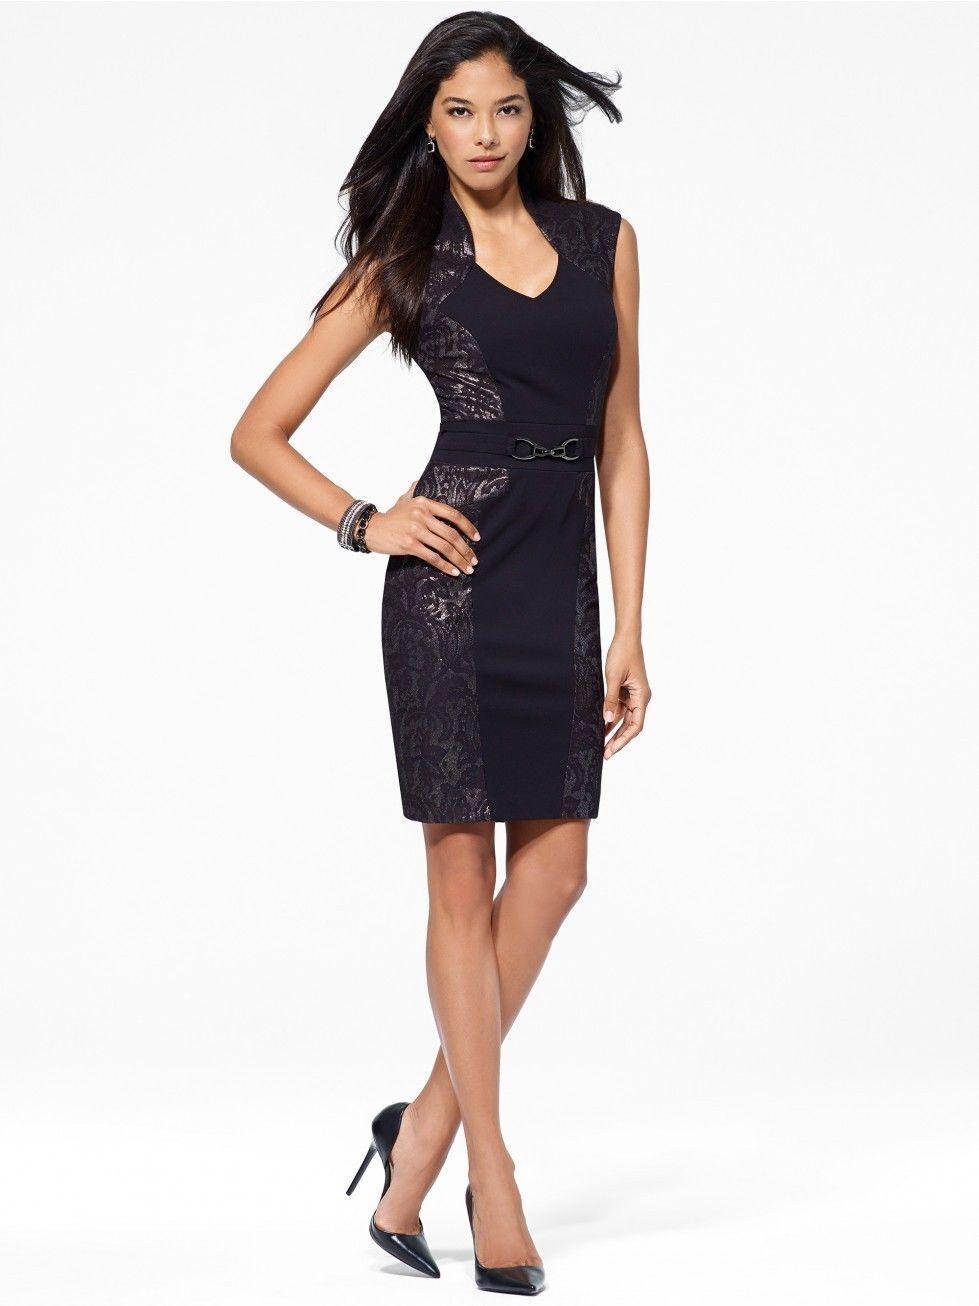 NWT Sexy CACHE schwarz Dress BODY MAPPING Thick Stretch LBD   S-2  M-6  XL-14